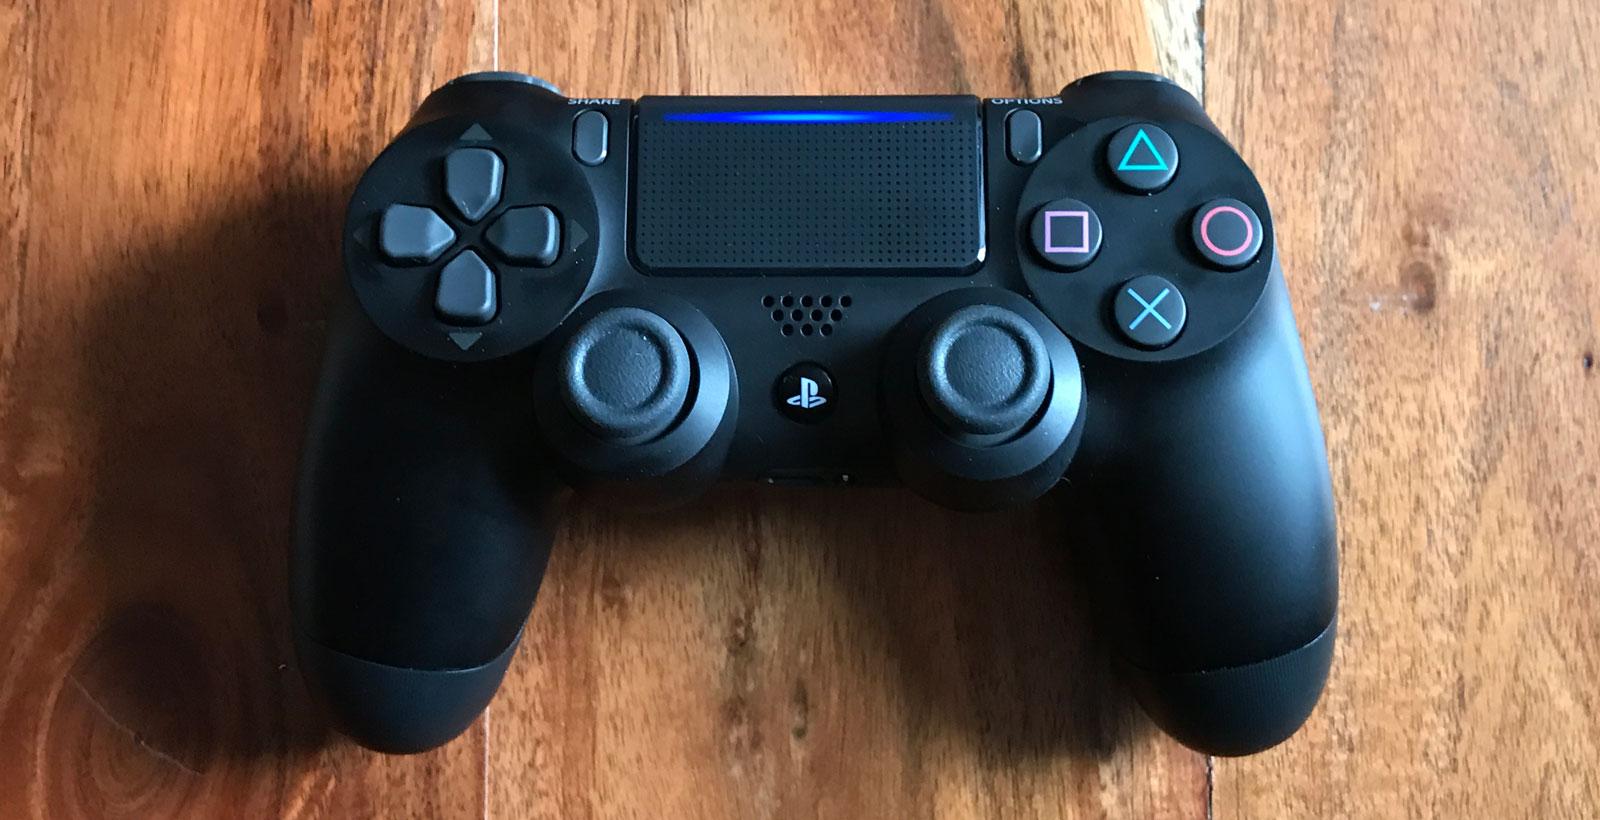 La PlayStation 4 Pro vient également avec la refonte de la manette DualShock 4.